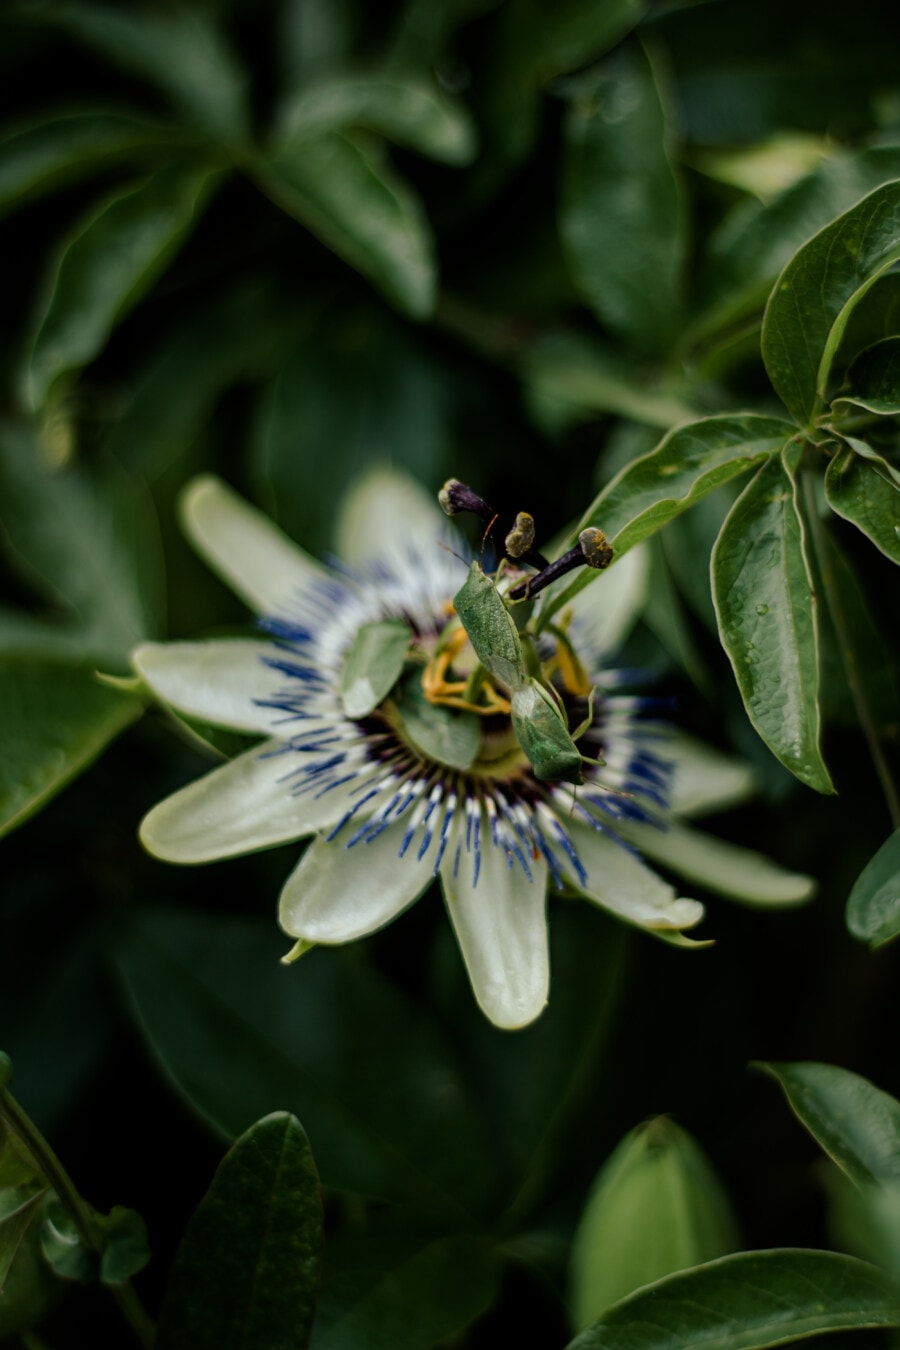 Grün, Käfer, Insekt, Fehler, tropische, exotisch, Blume, Blatt, gelb, Natur